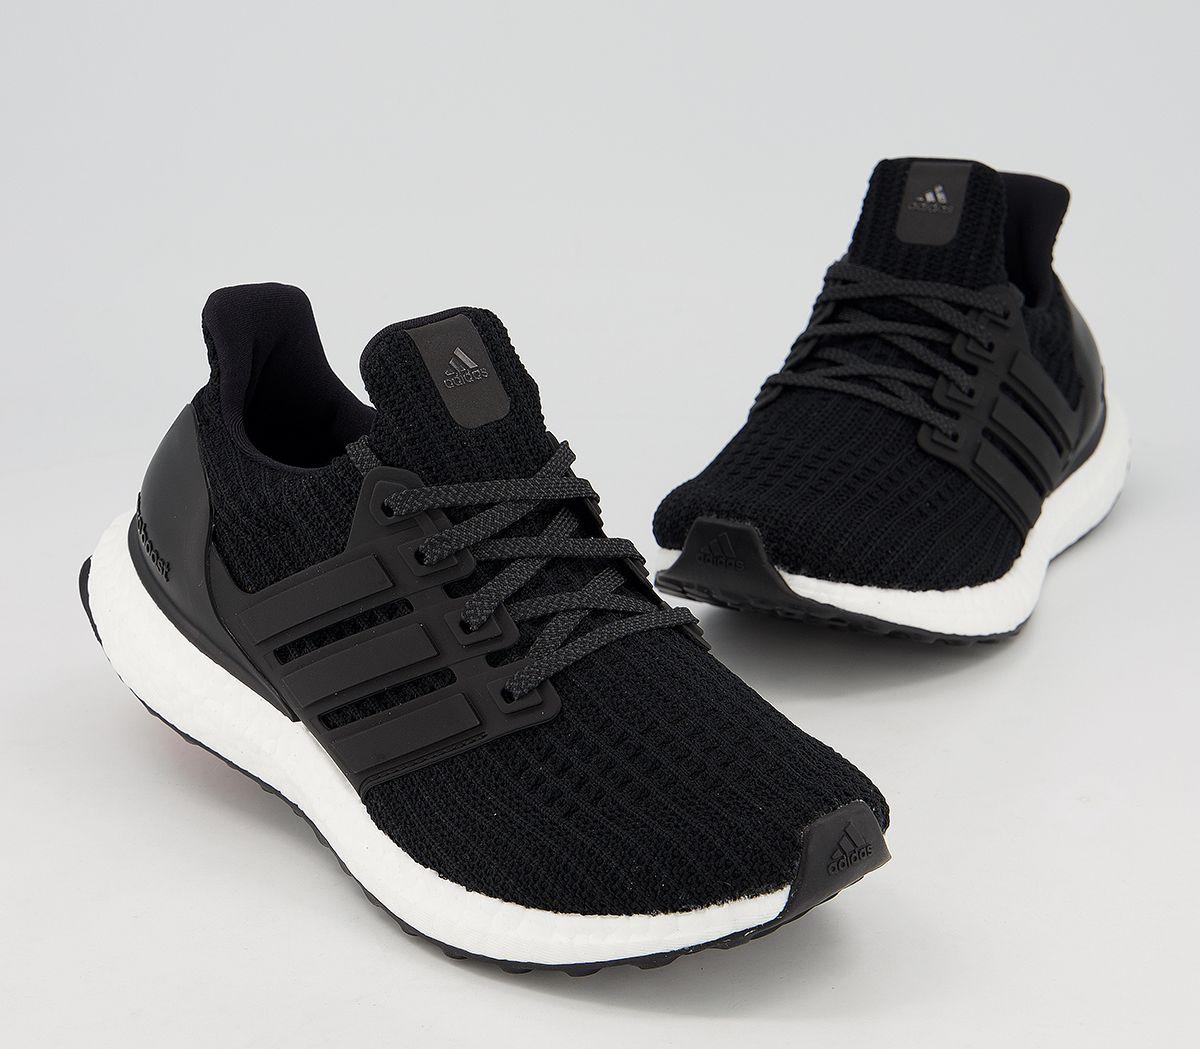 Zapatillas Ultraboost Black adidas